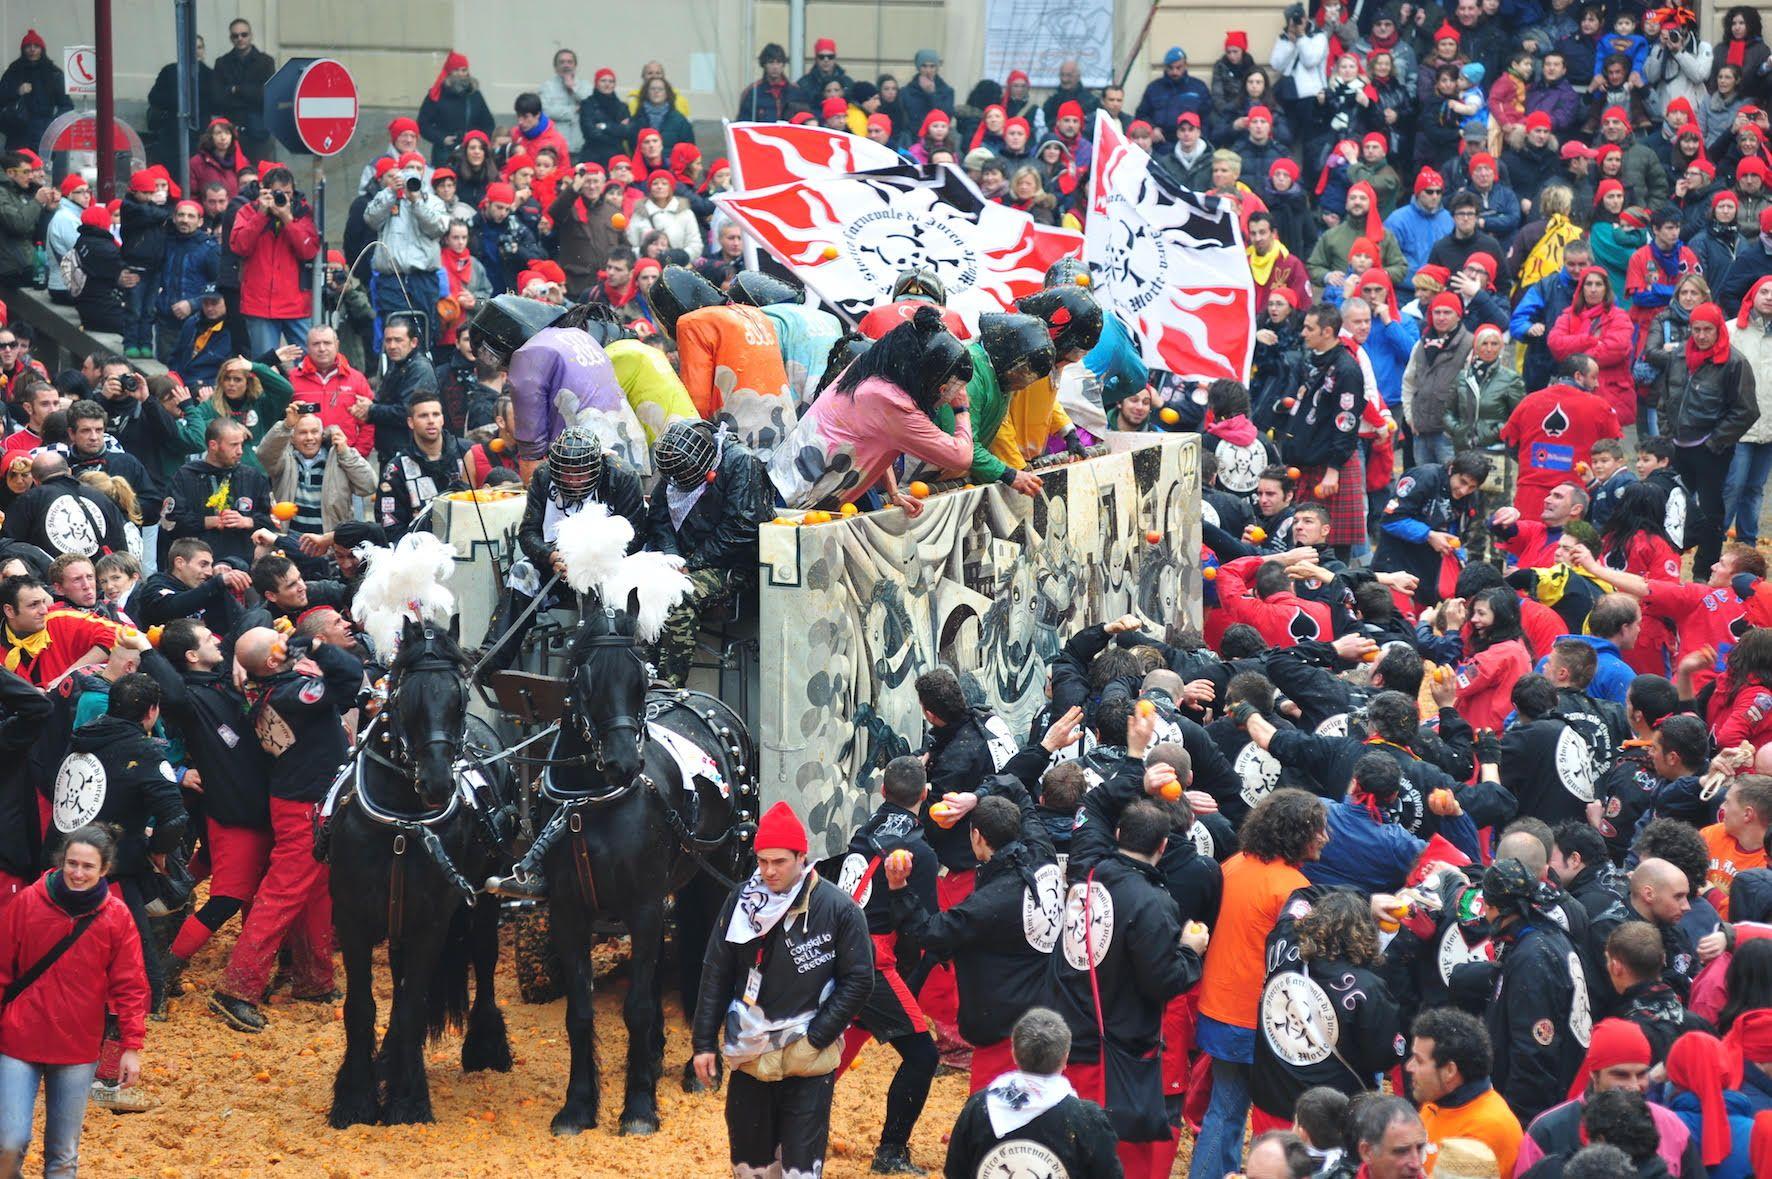 IVREA - Beppe Grillo e Casaleggio iscritti alla battaglia delle arance